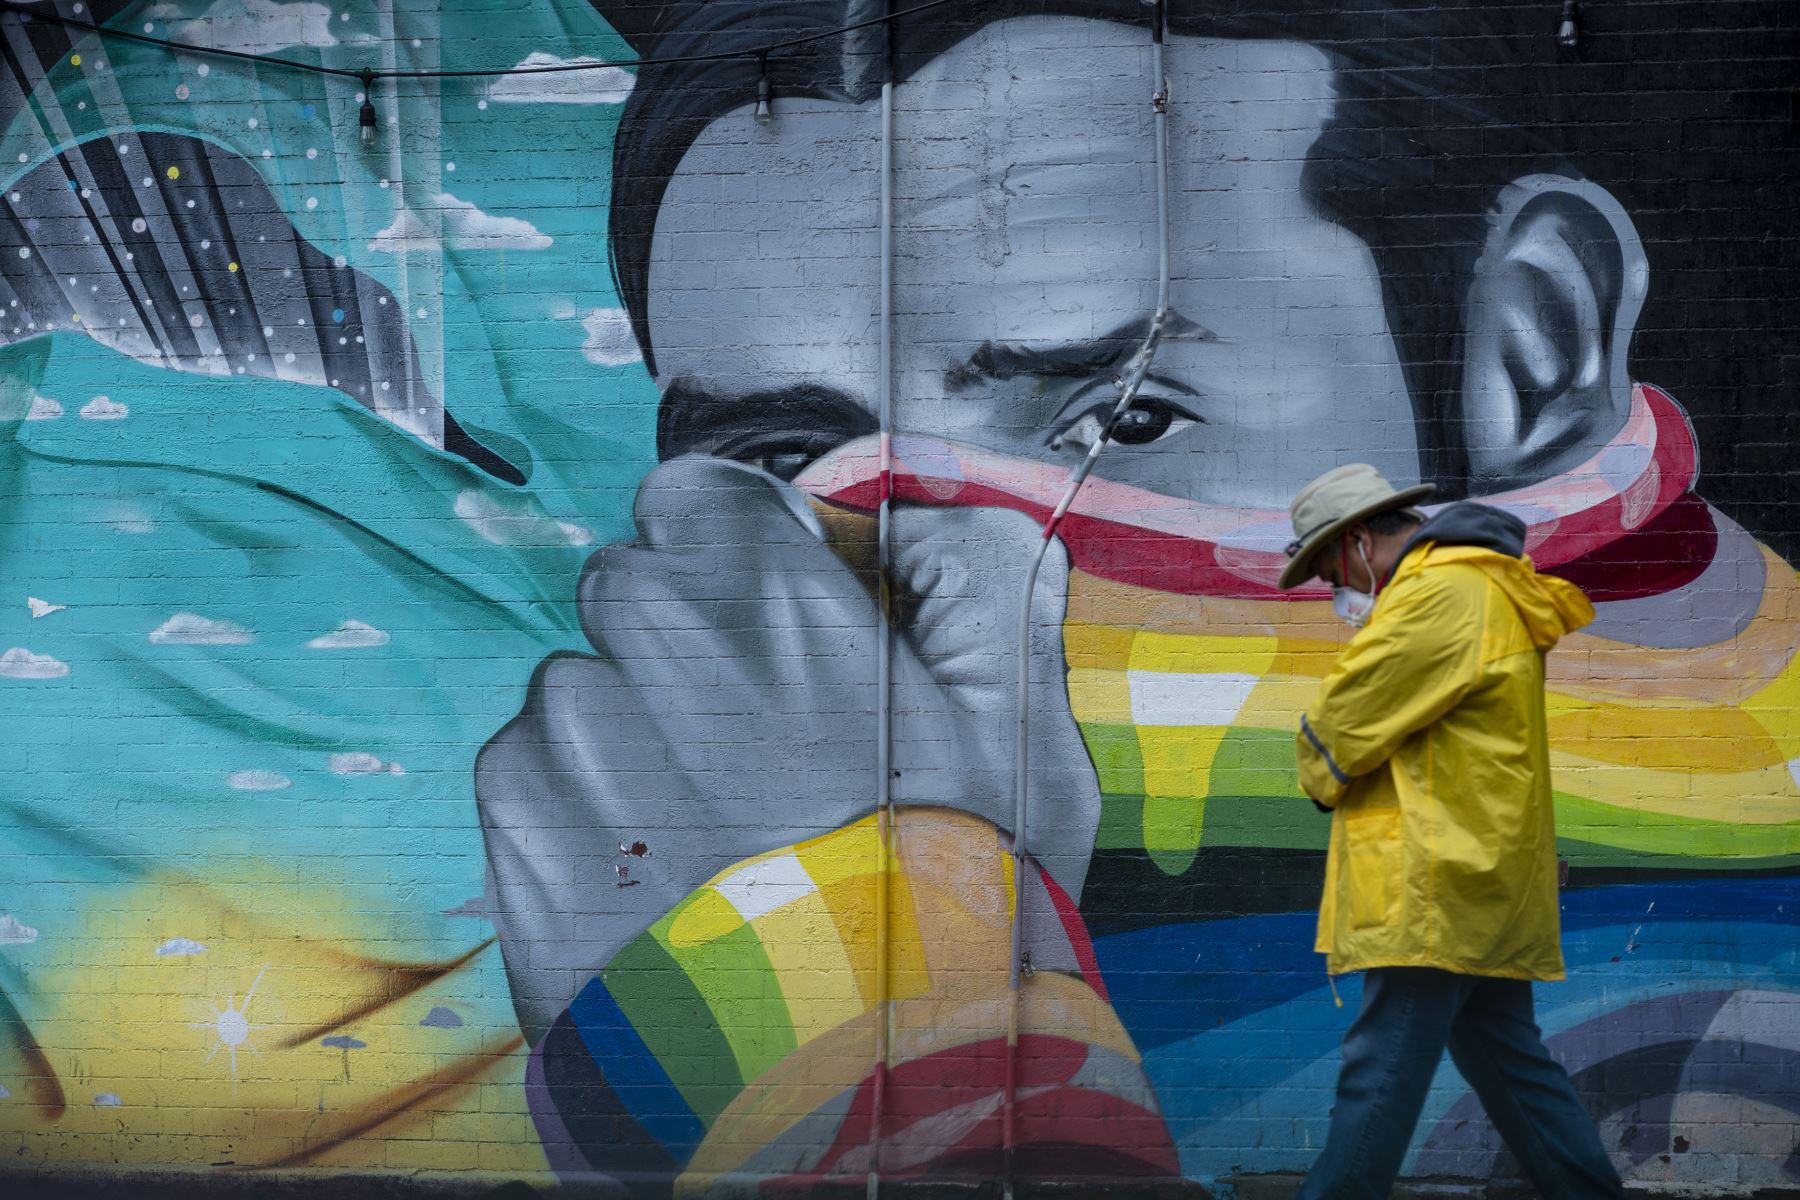 Un hombre con una máscara pasa un mural el de 2020 en la ciudad de Nueva York. Foto: AFP